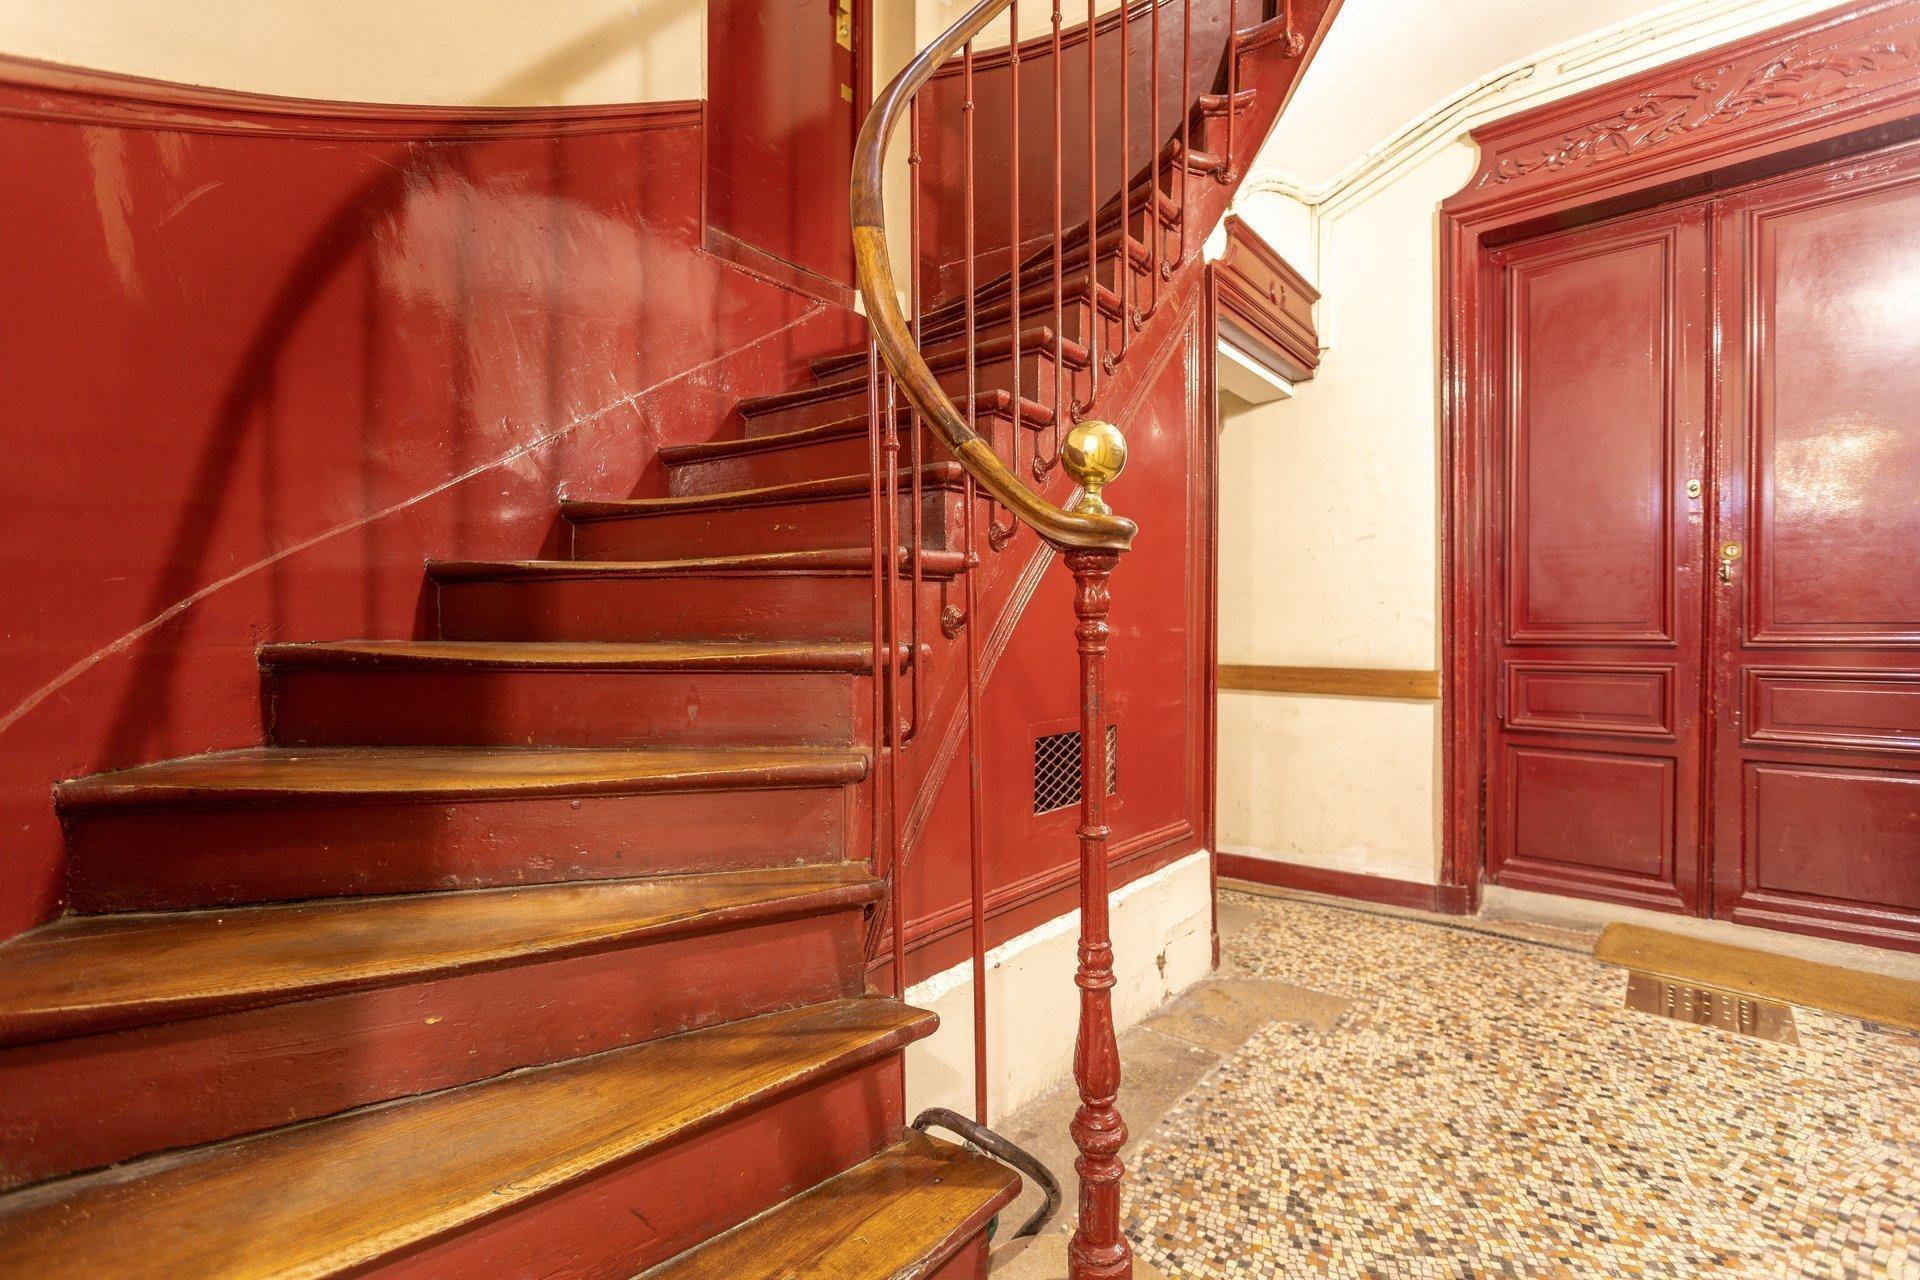 Sale Apartment - Paris 14th (Paris 14ème)